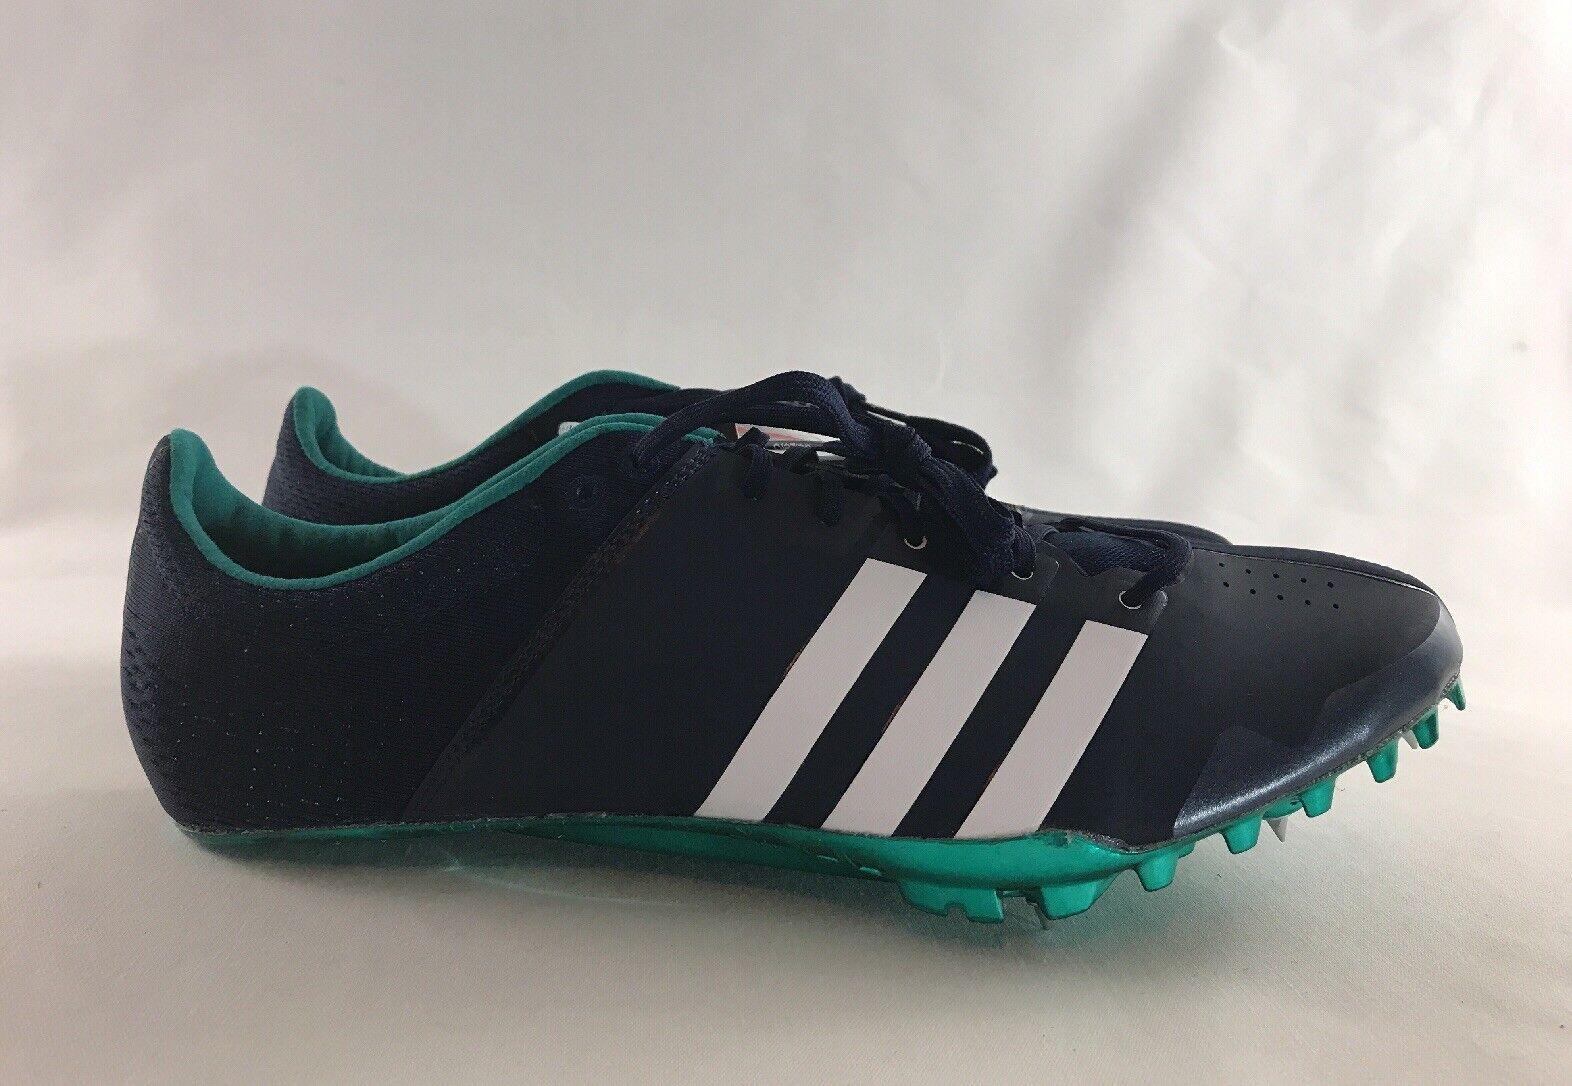 Adidas velocista adizero verde marina correndo velocista Adidas traccia scarpette scarpe af5647 uomini '11,5 8f8eba